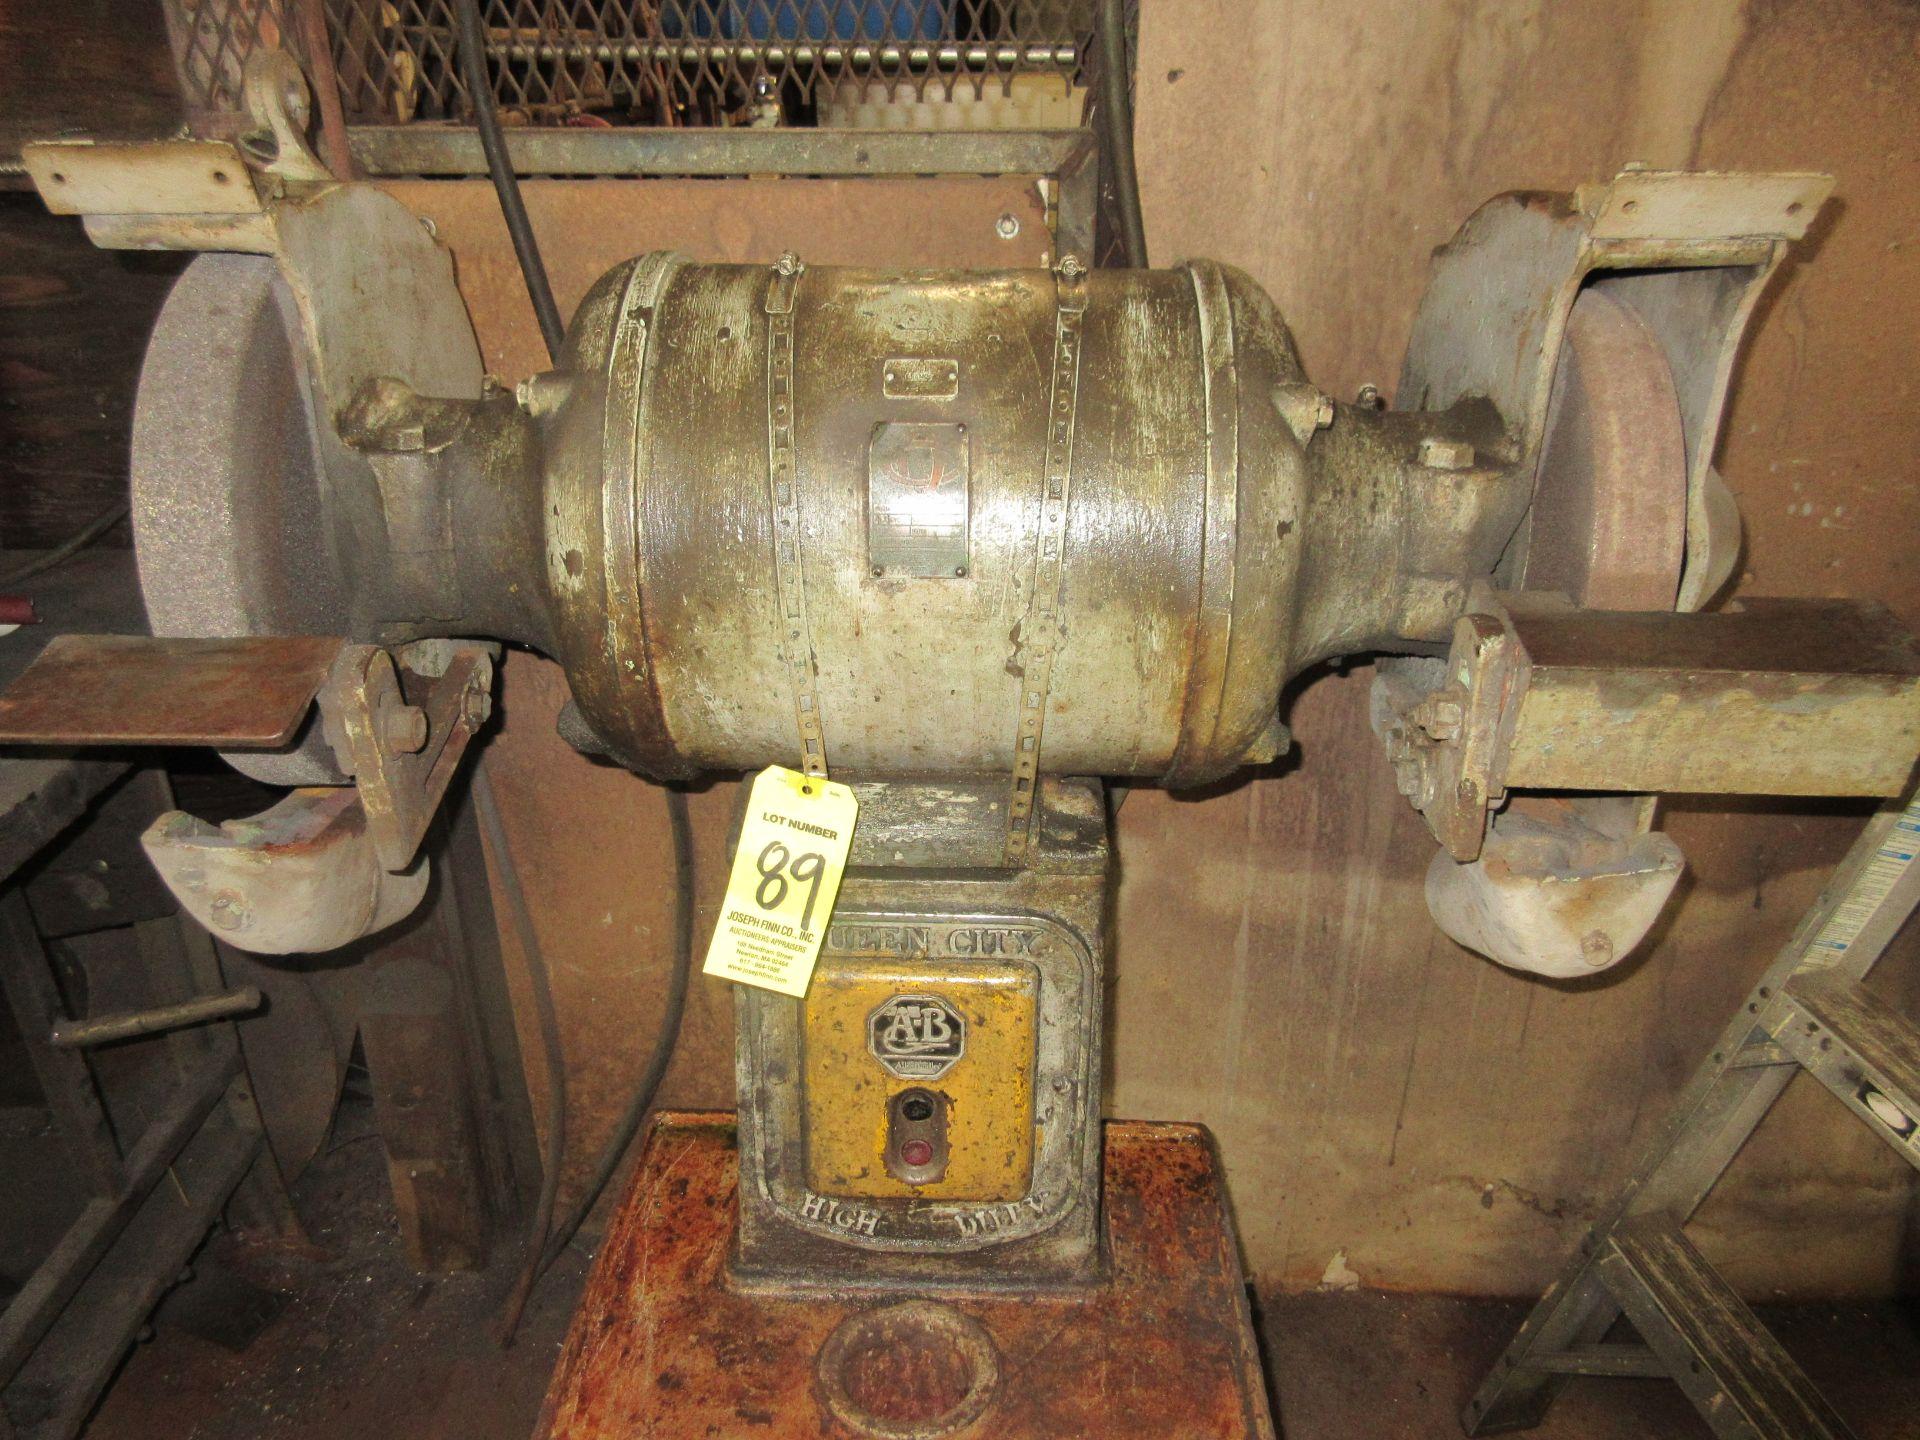 (1) A-B Queen City D.E. H.D. Pedestal Grinder, 5 H.P.